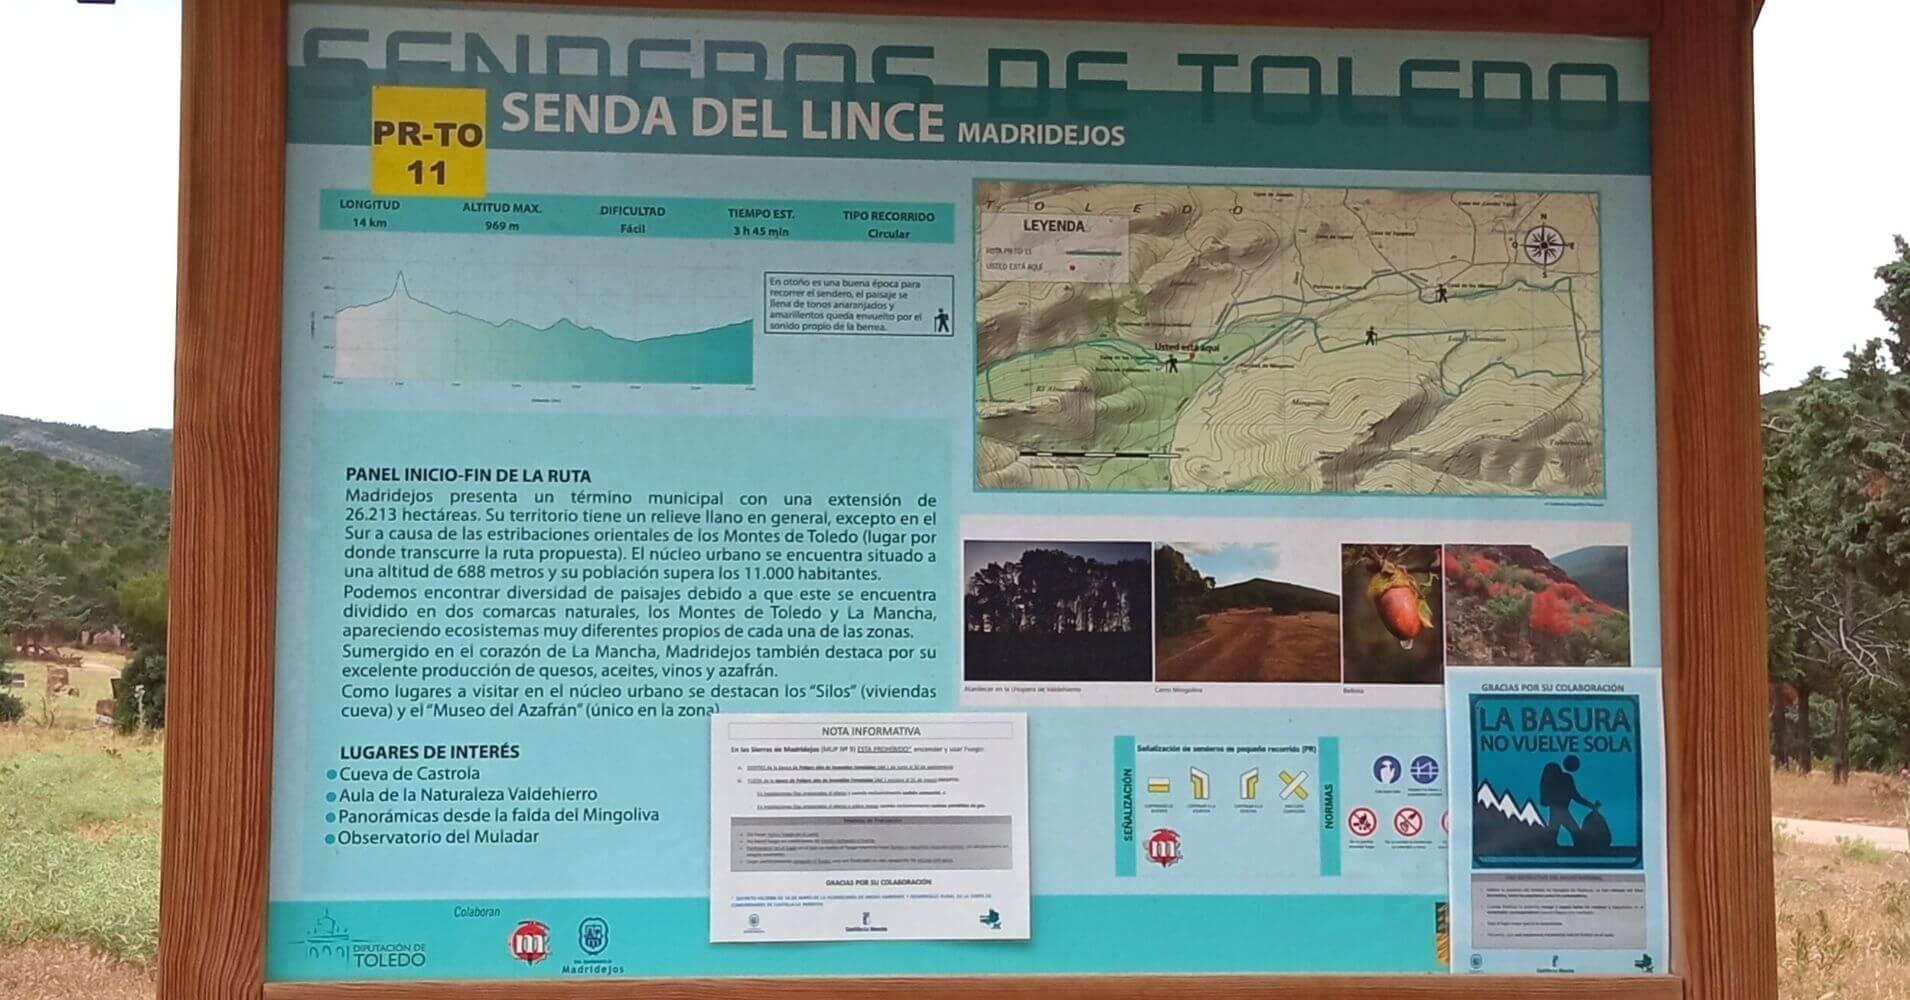 Senda del Lince. PR-TO 11. Madridejos, Toledo. Castilla La Mancha.